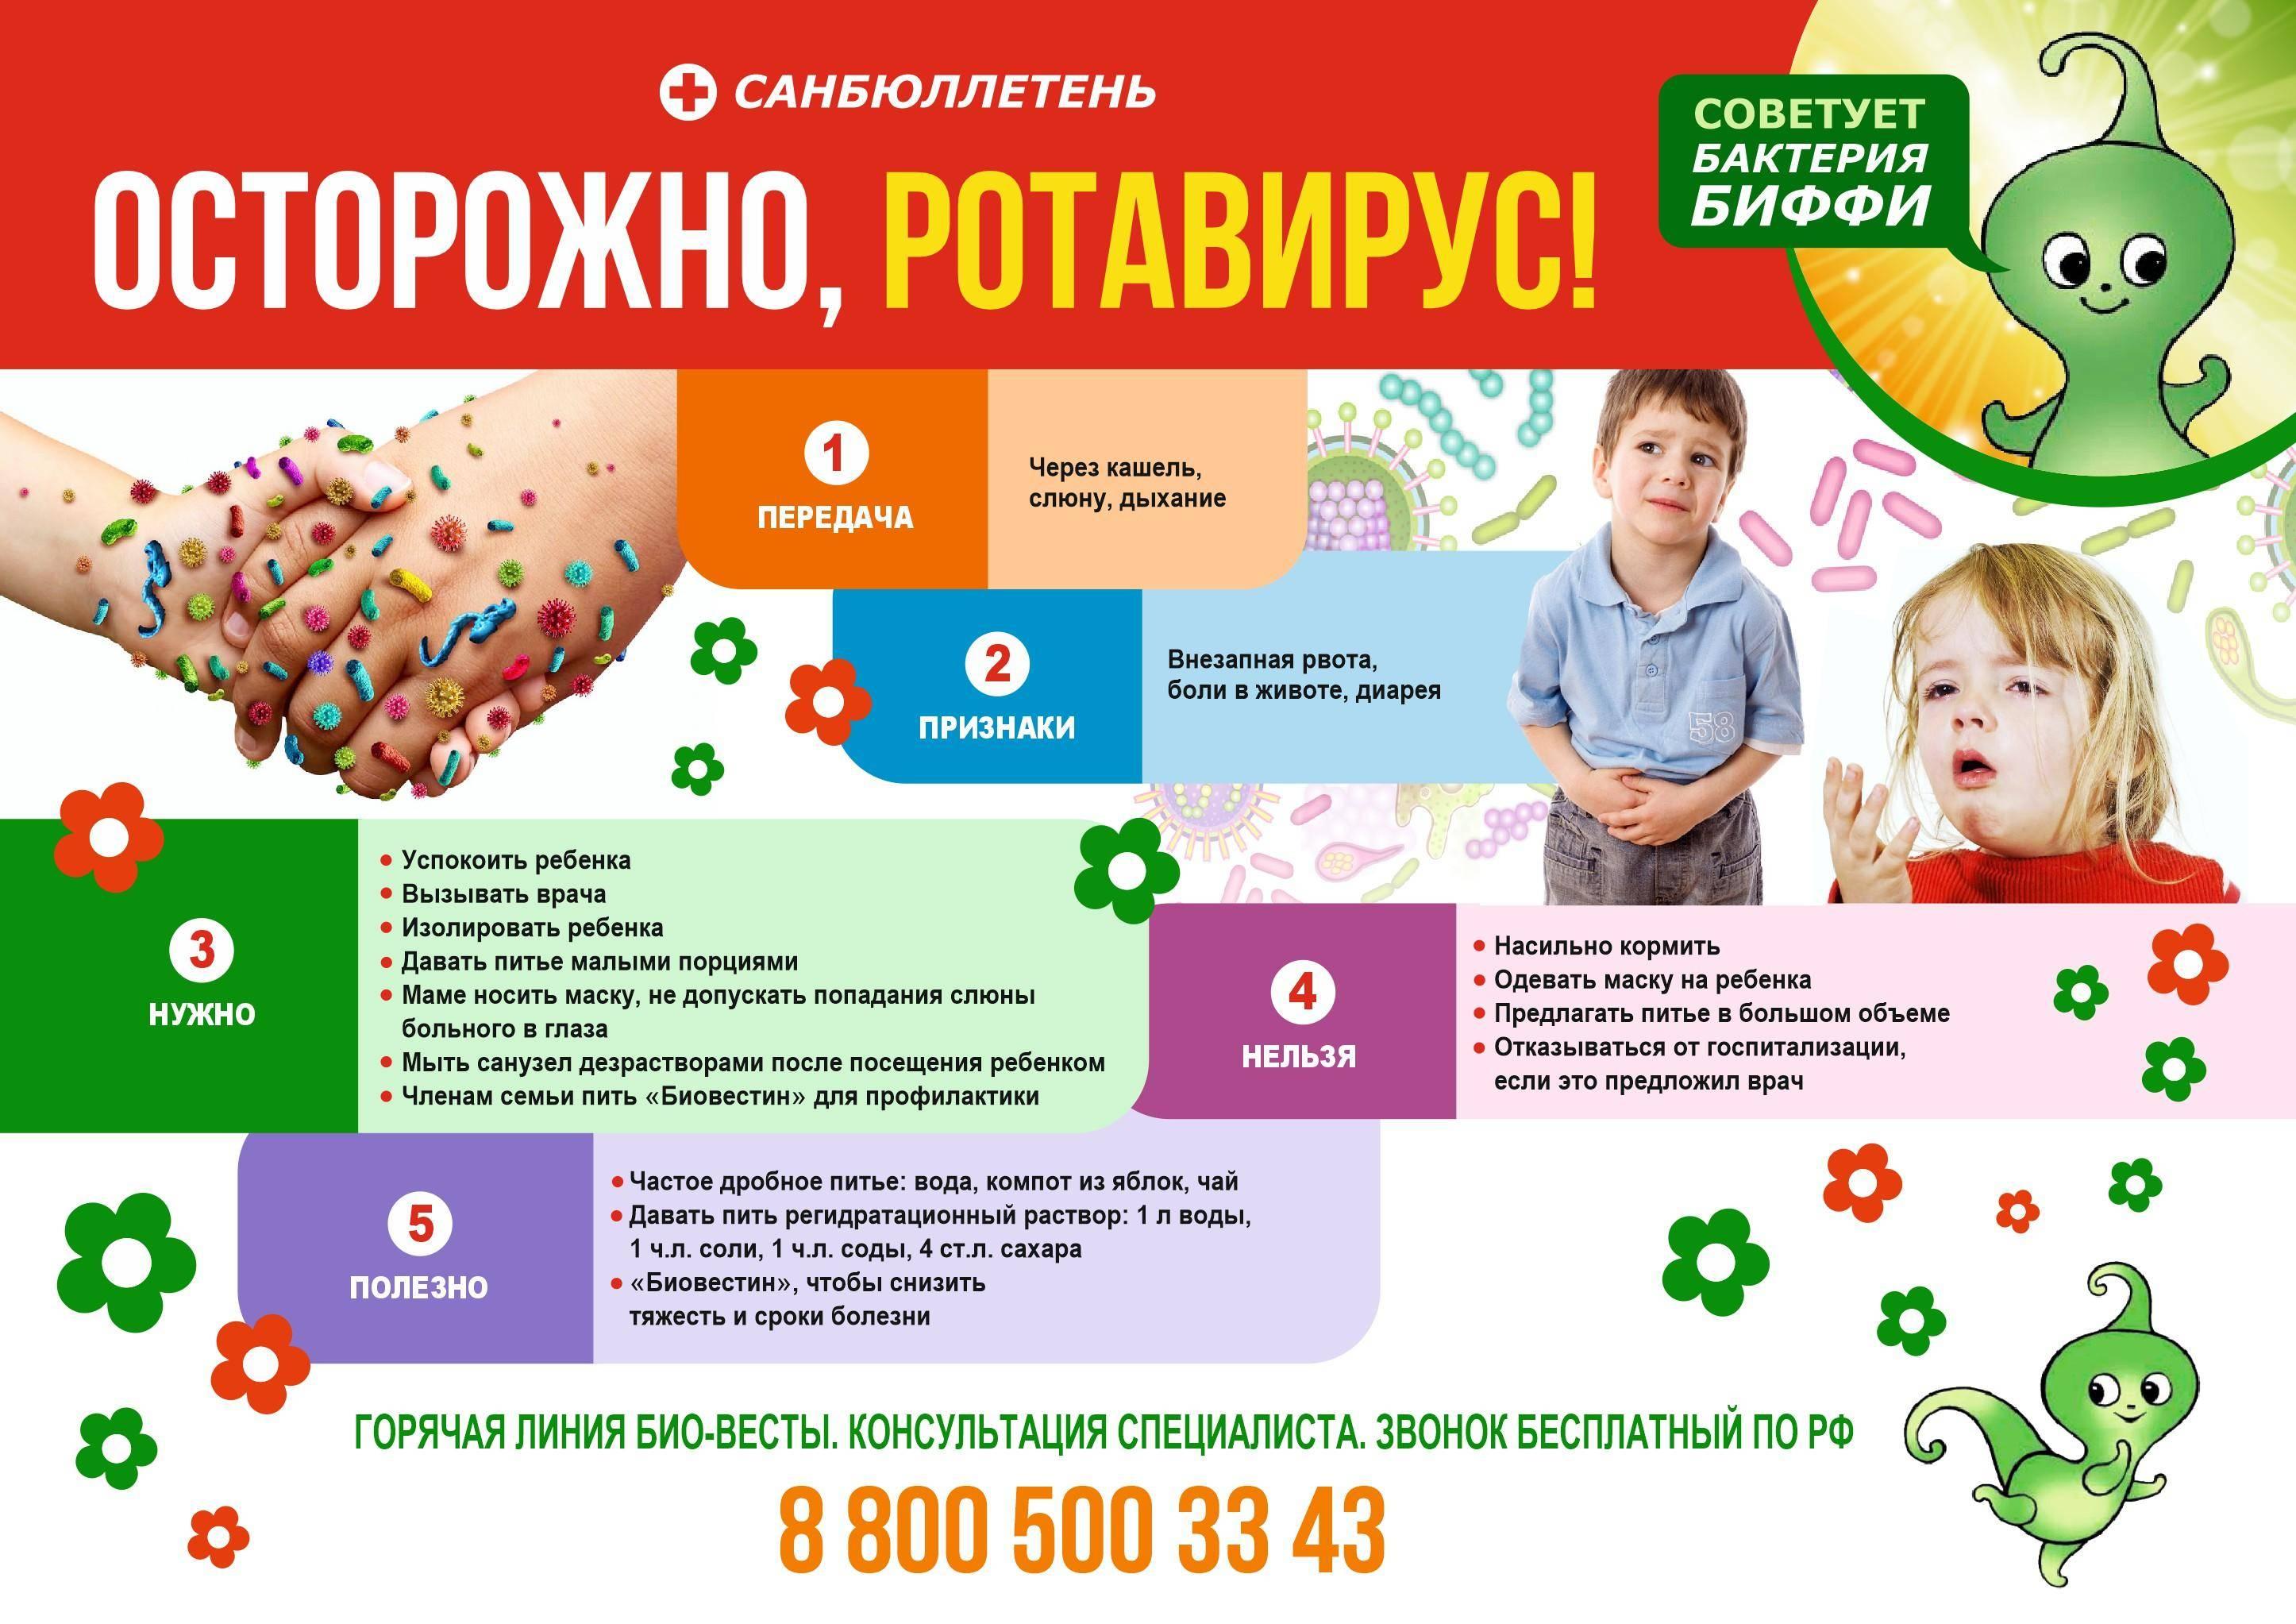 Профилактика ротавирусной инфекции на море у детей - педиатор